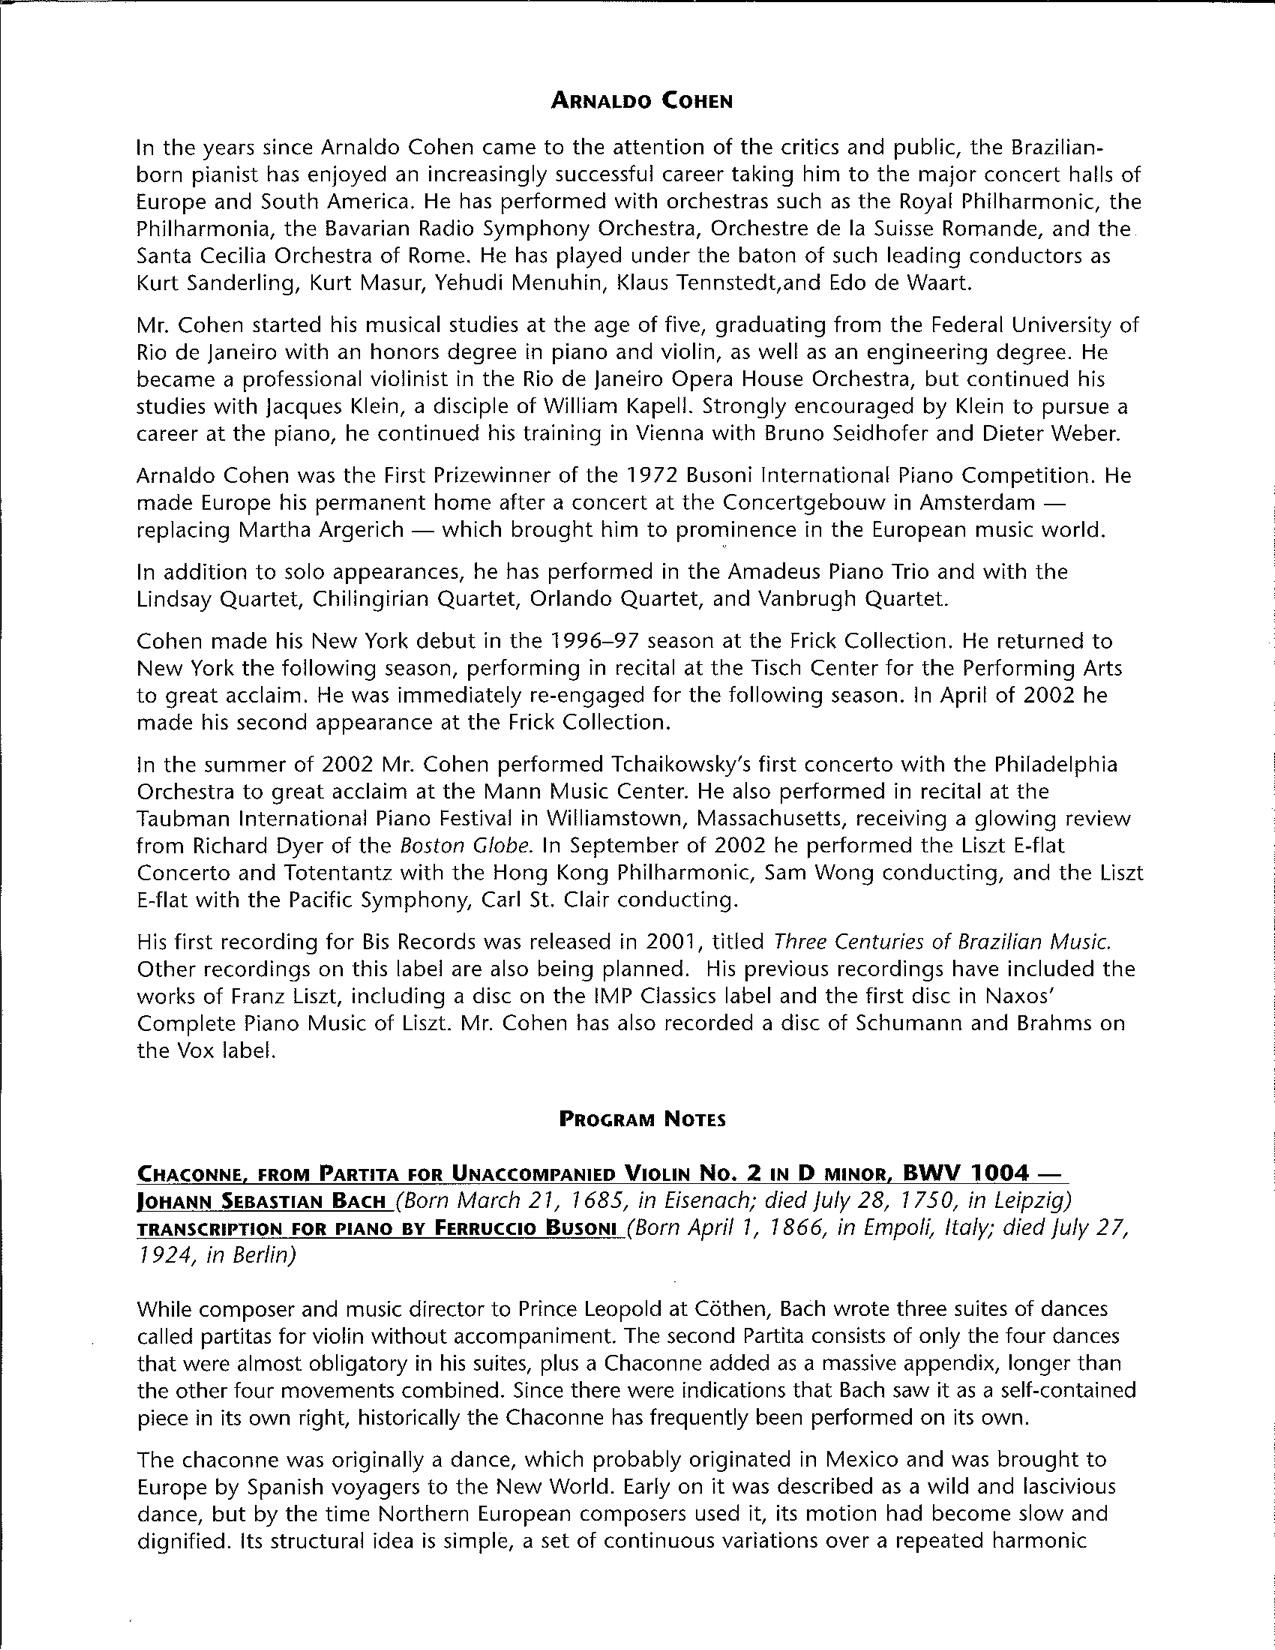 Cohen02-03_Program4.jpg